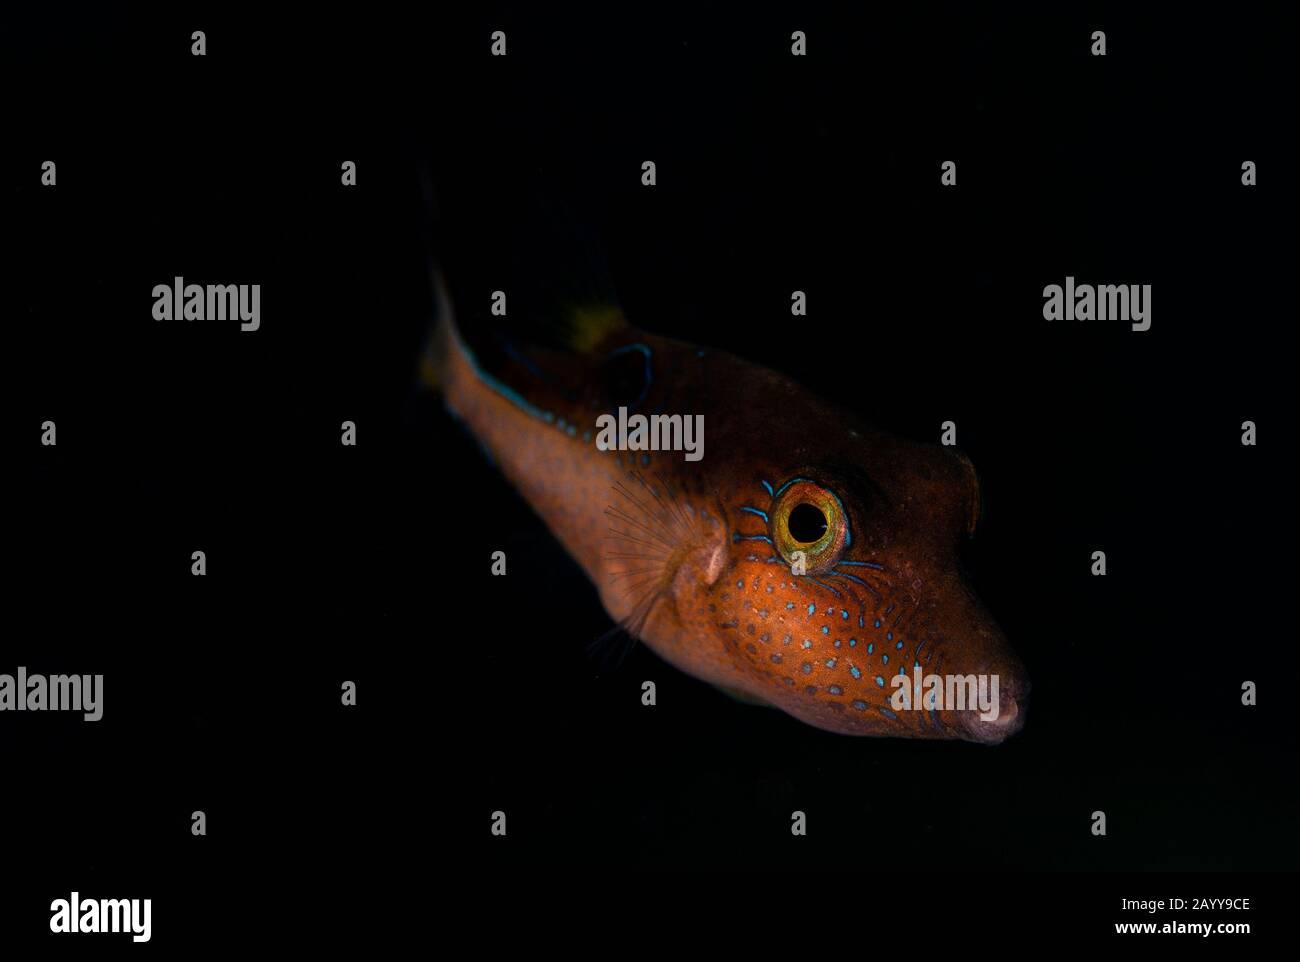 Un puffer de la Valentin explore le récif de Buddy à Bonaire, aux Pays-Bas. Le nom scientifique est Canthigaster valentine. Banque D'Images